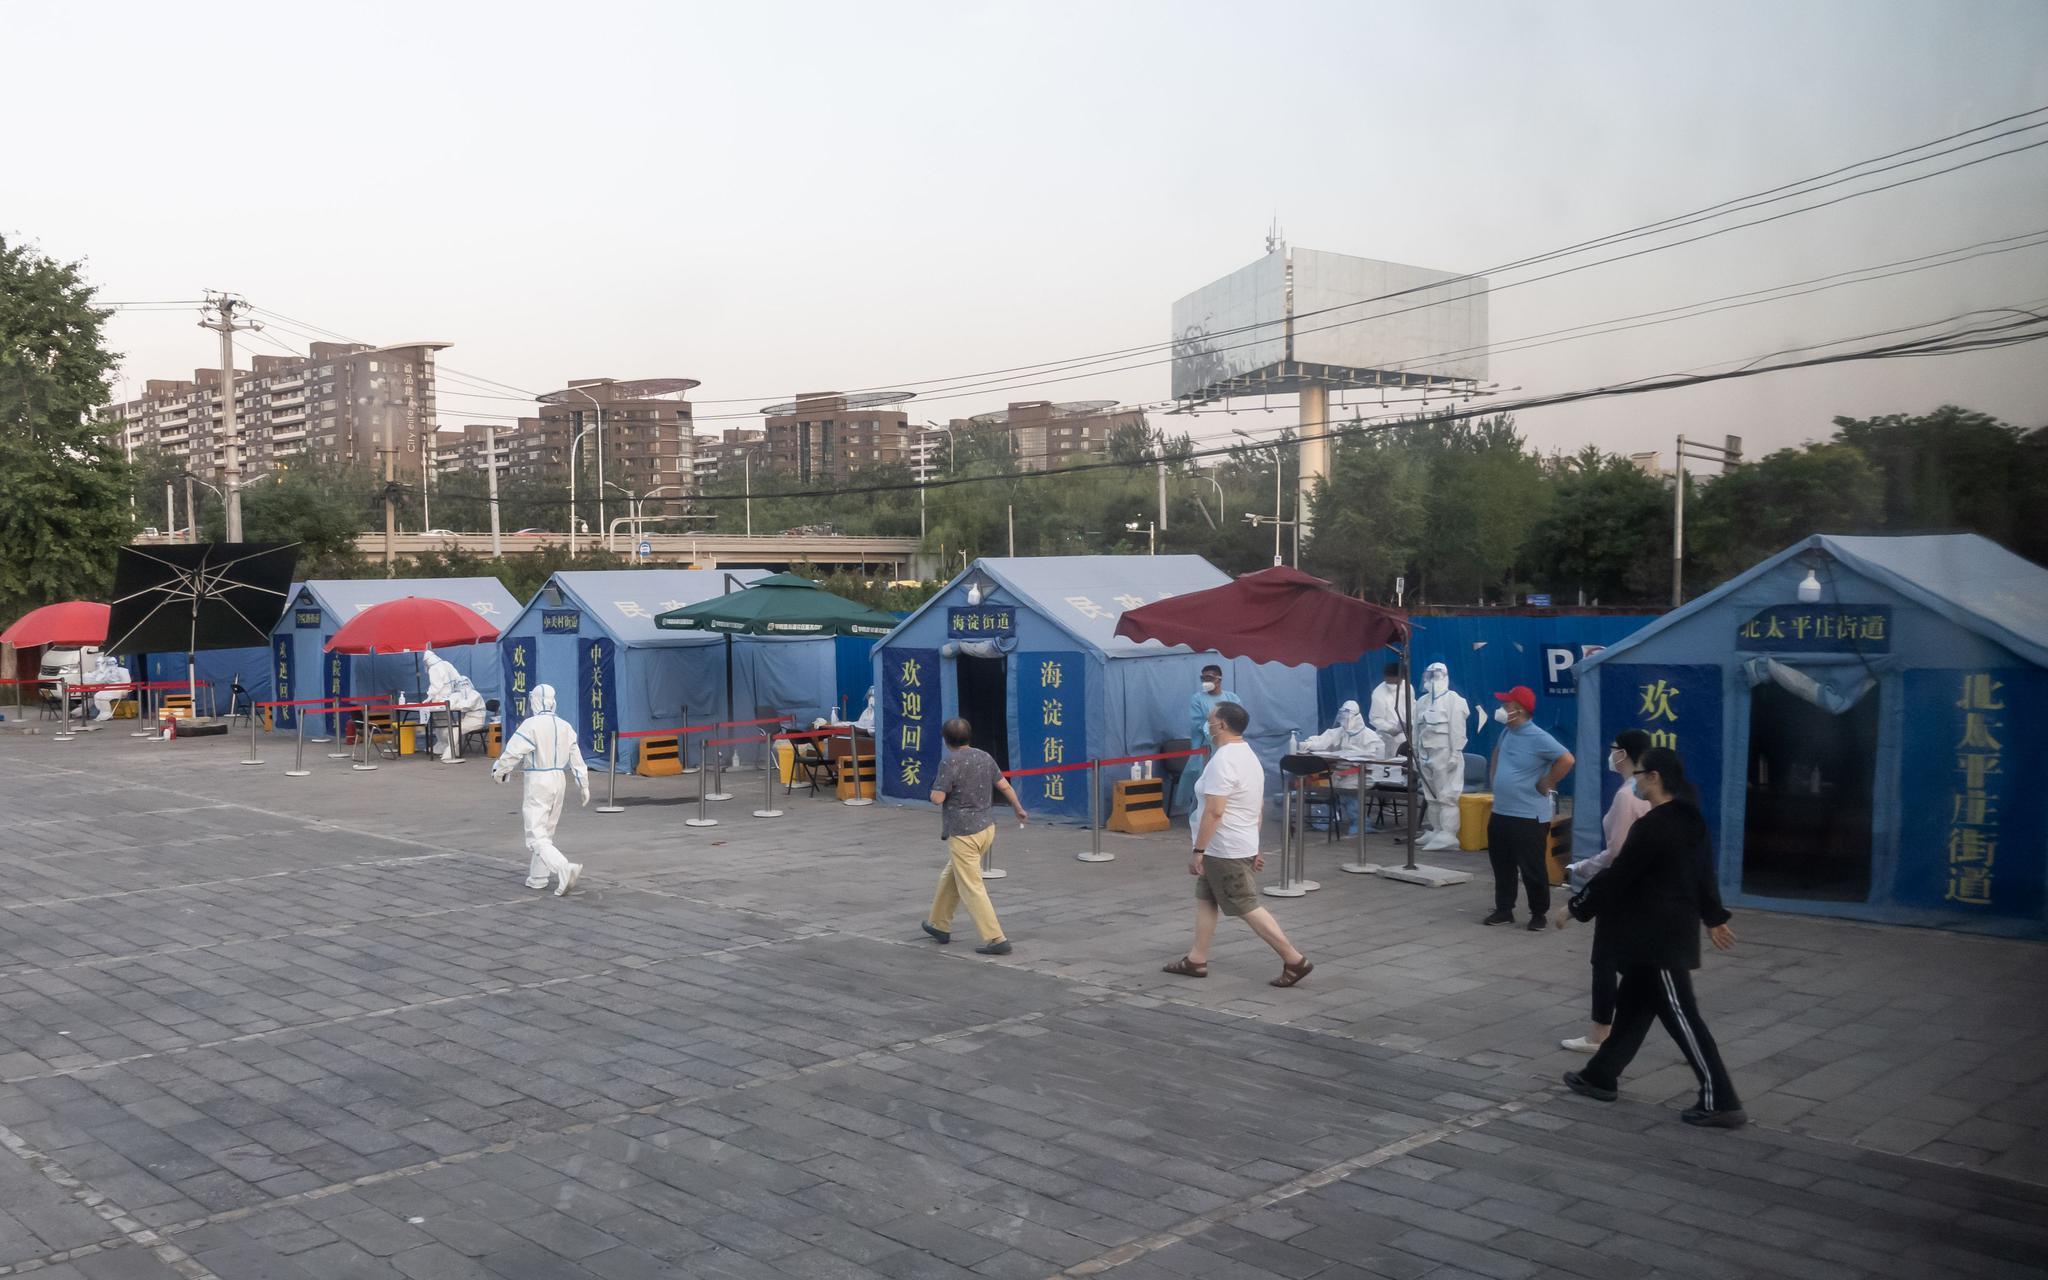 6月15日,海淀区四序青桥四周绿馨故里建材市场,市民在事情职员的指导下,预备担当咽拭子样本收罗。新京报记者 李凯祥 摄